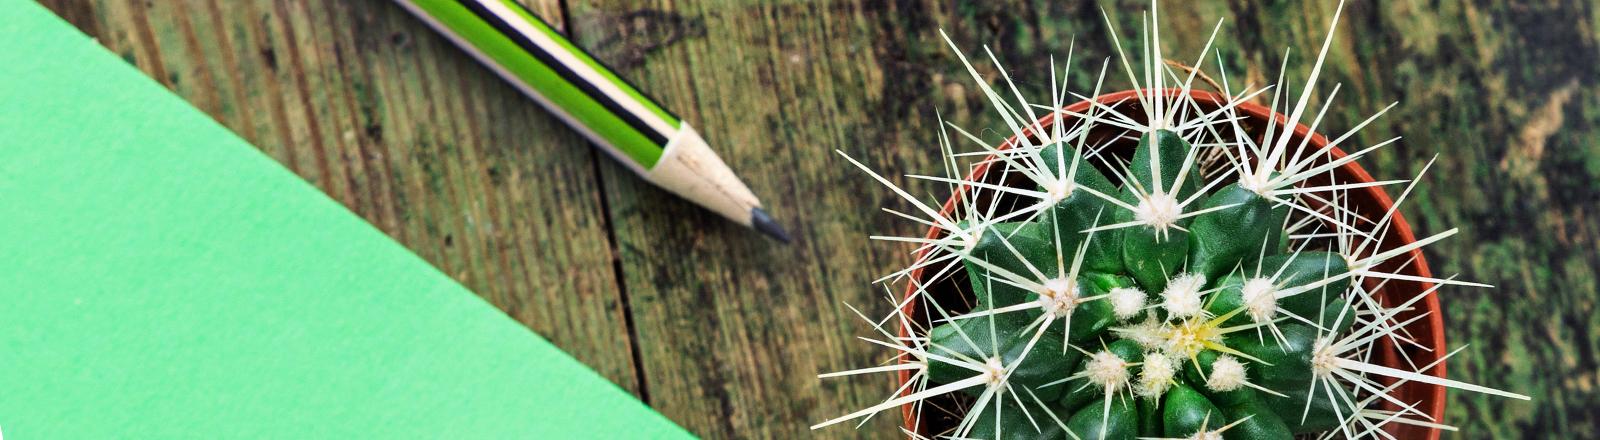 Ein langweiliger Kaktus steht auf dem Schreibtisch.